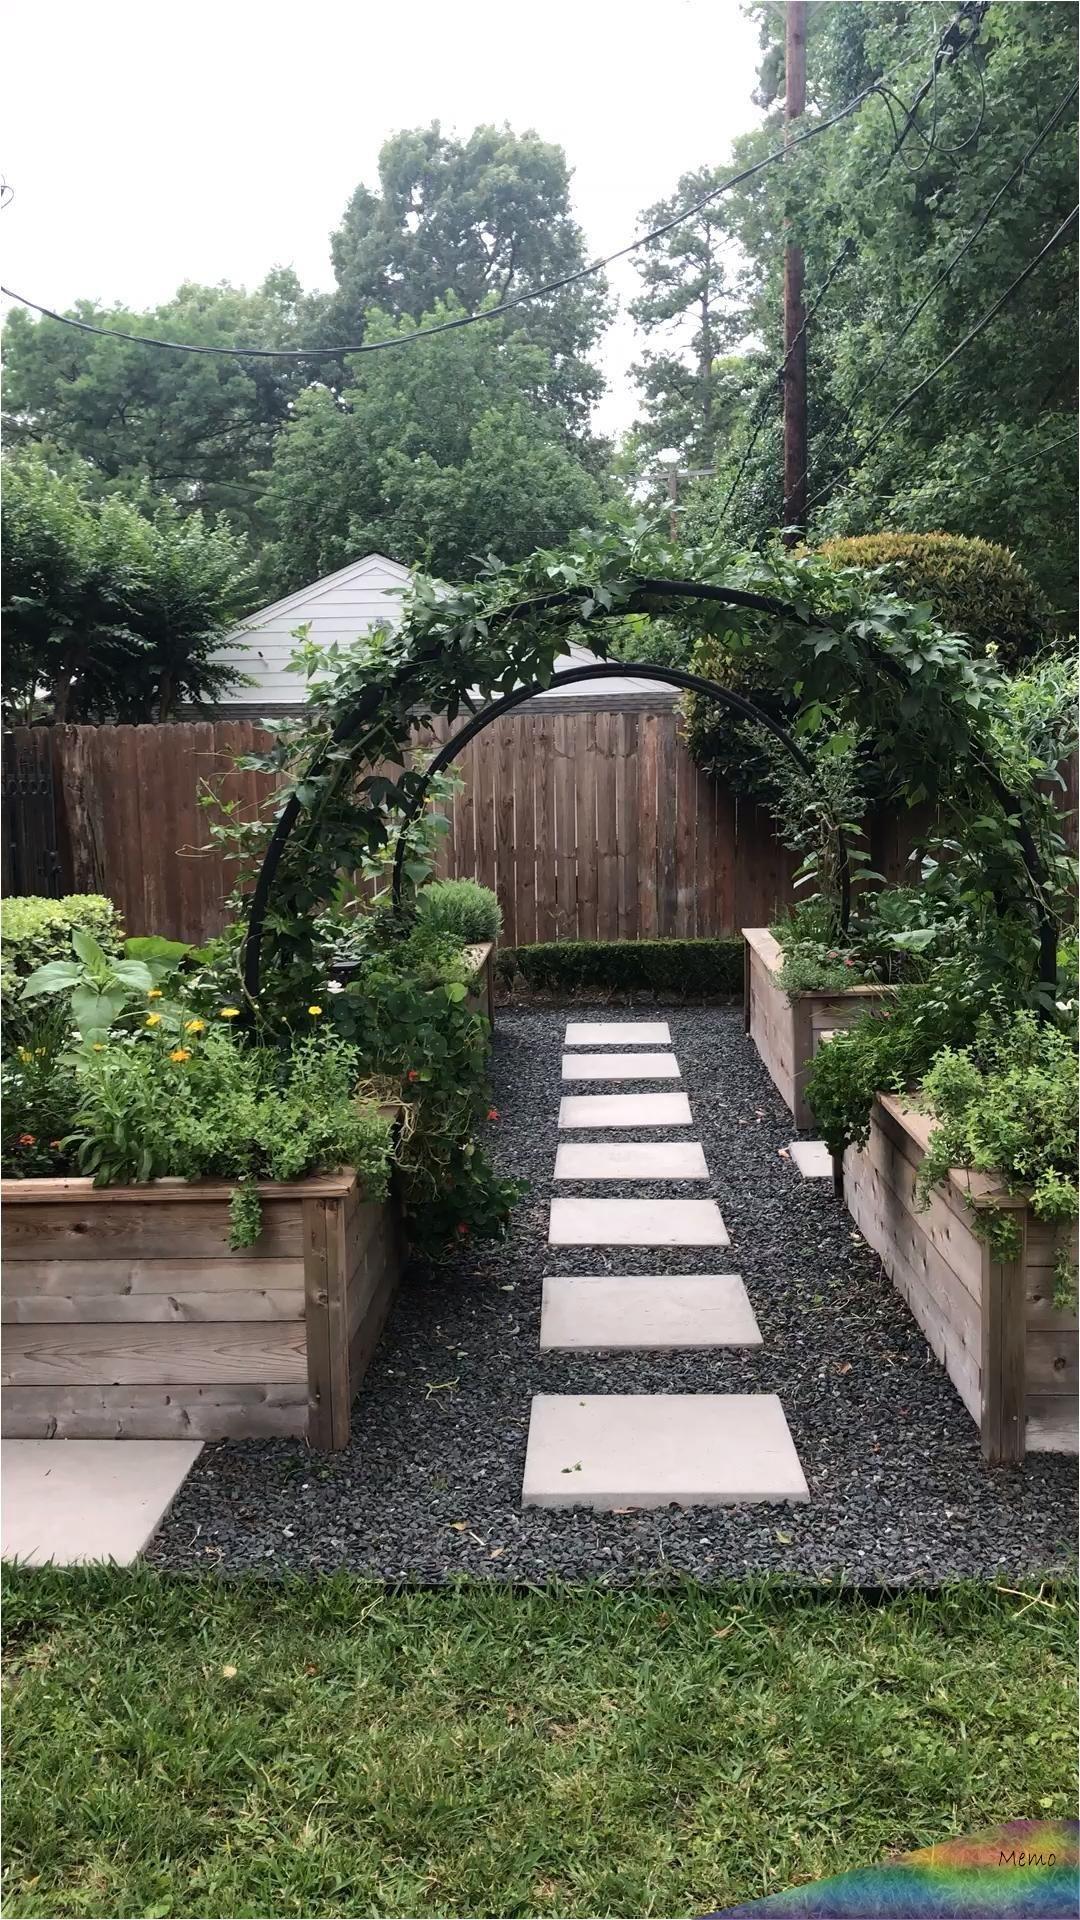 Gardenary Kitchen Garden Revival This Four Garden Classic Raised Bed Kitchen Garden Is Featured In My Upcoming Bo In 2020 Garden Design Garden Layout Garden Planning